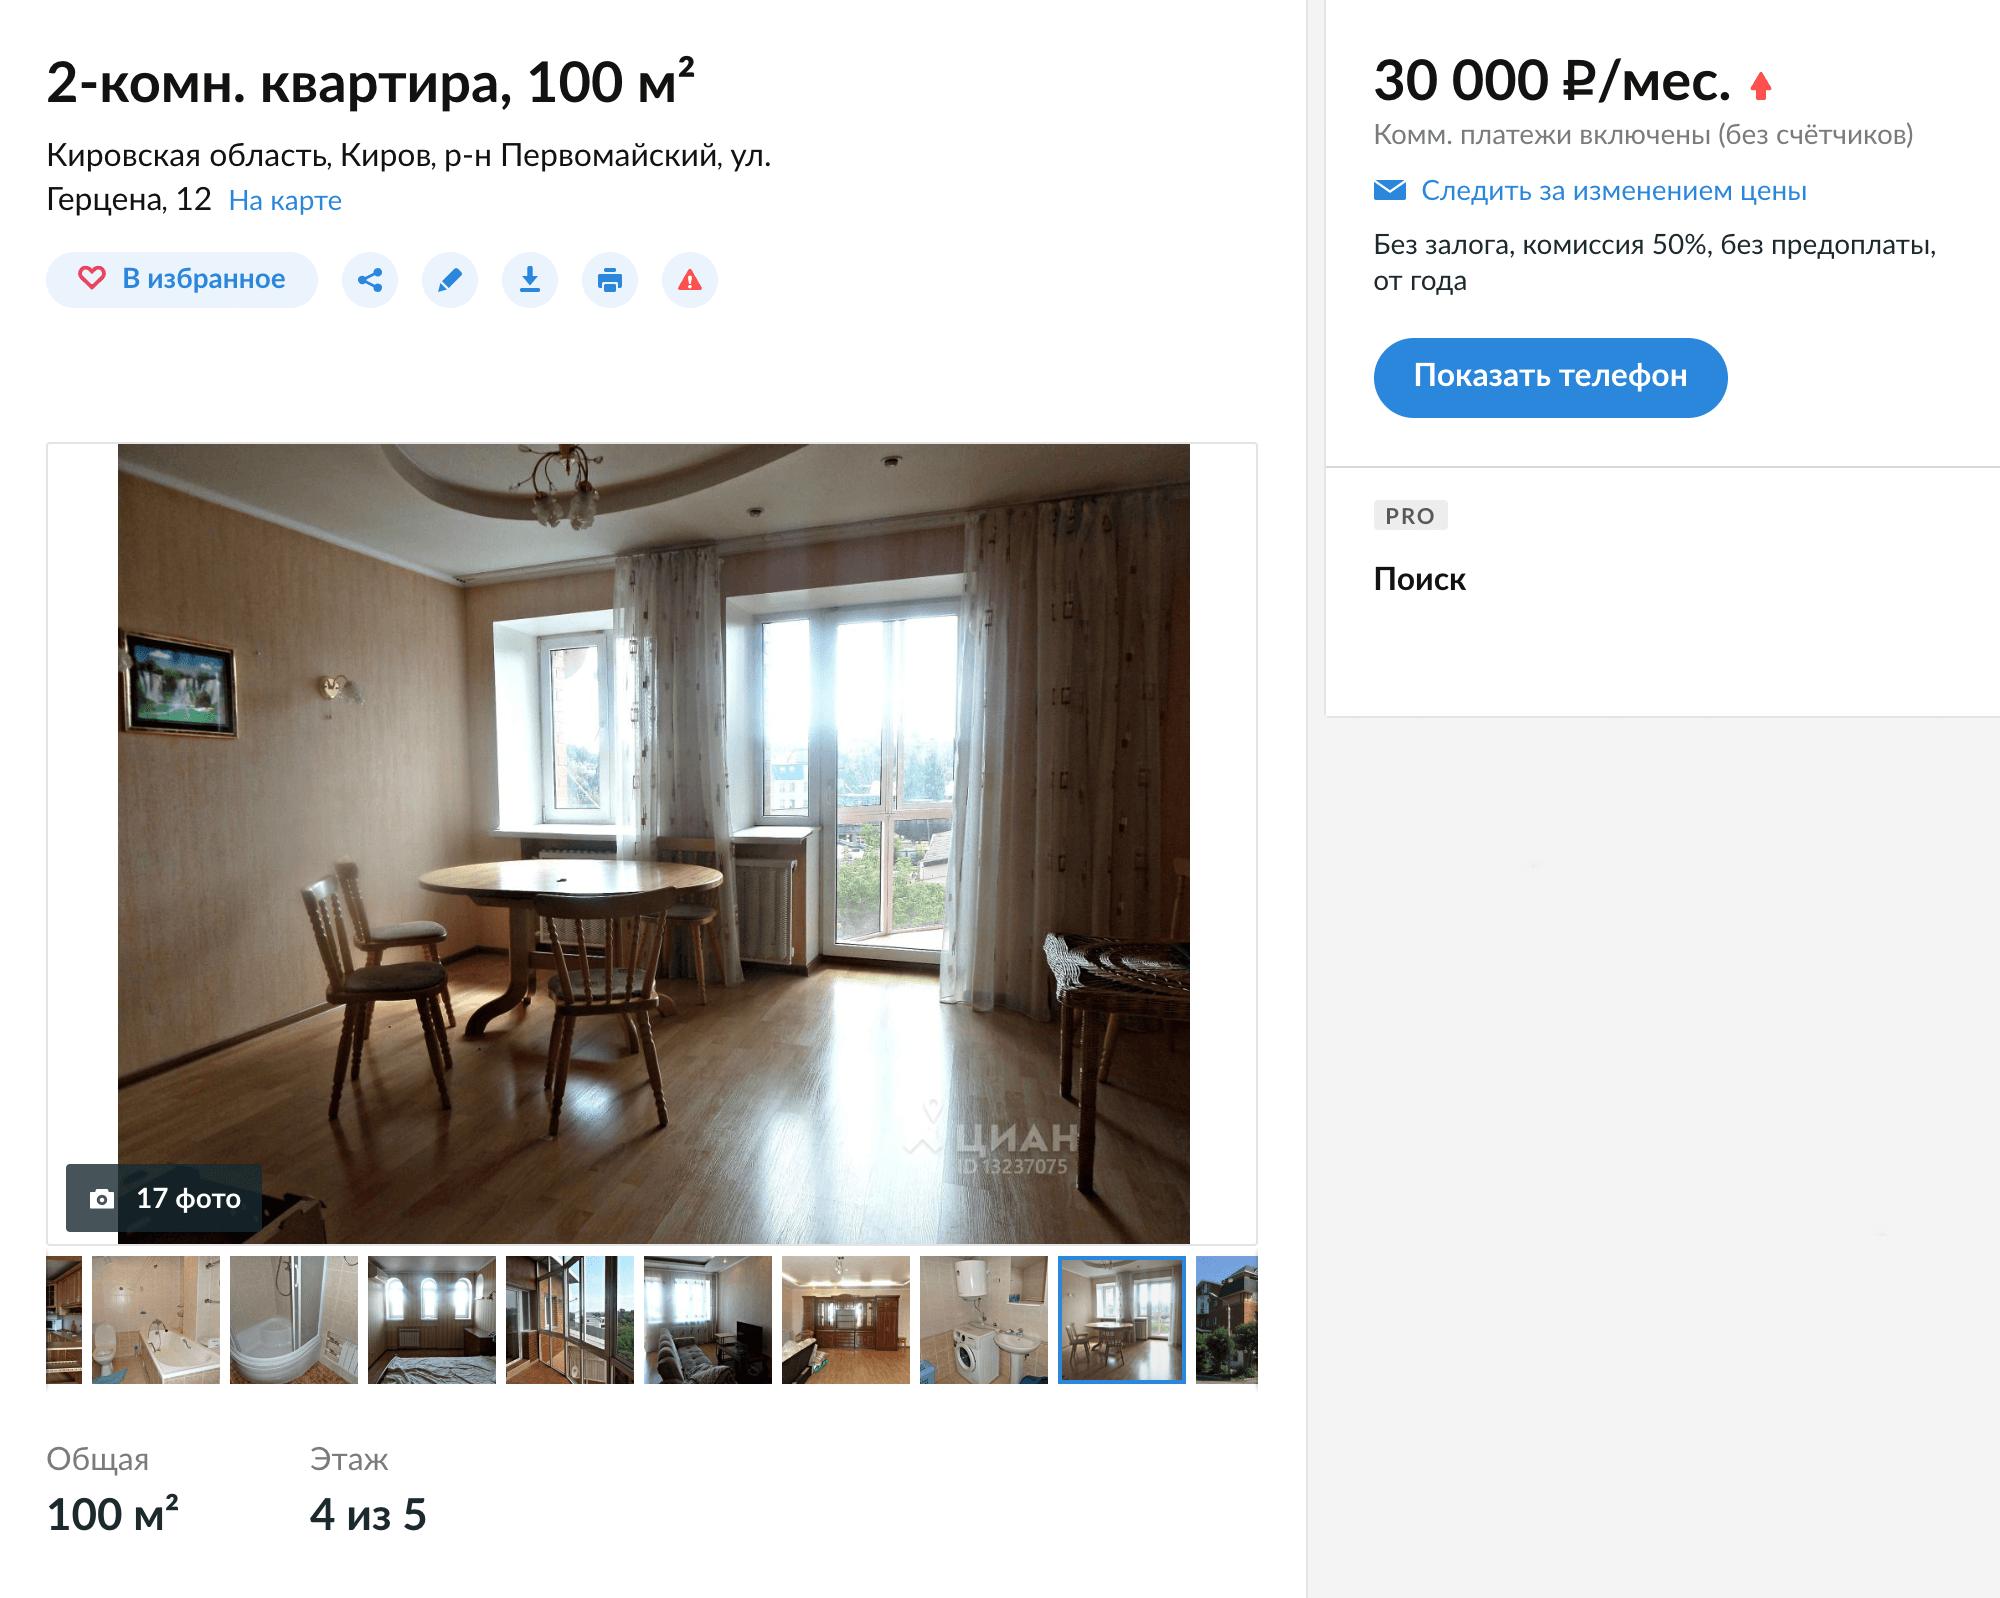 Прекрасная квартира в Кирове с огромным балконом, двумя санузлами и деревянной мебелью в элитном доме — «всего» за 30 000 р.